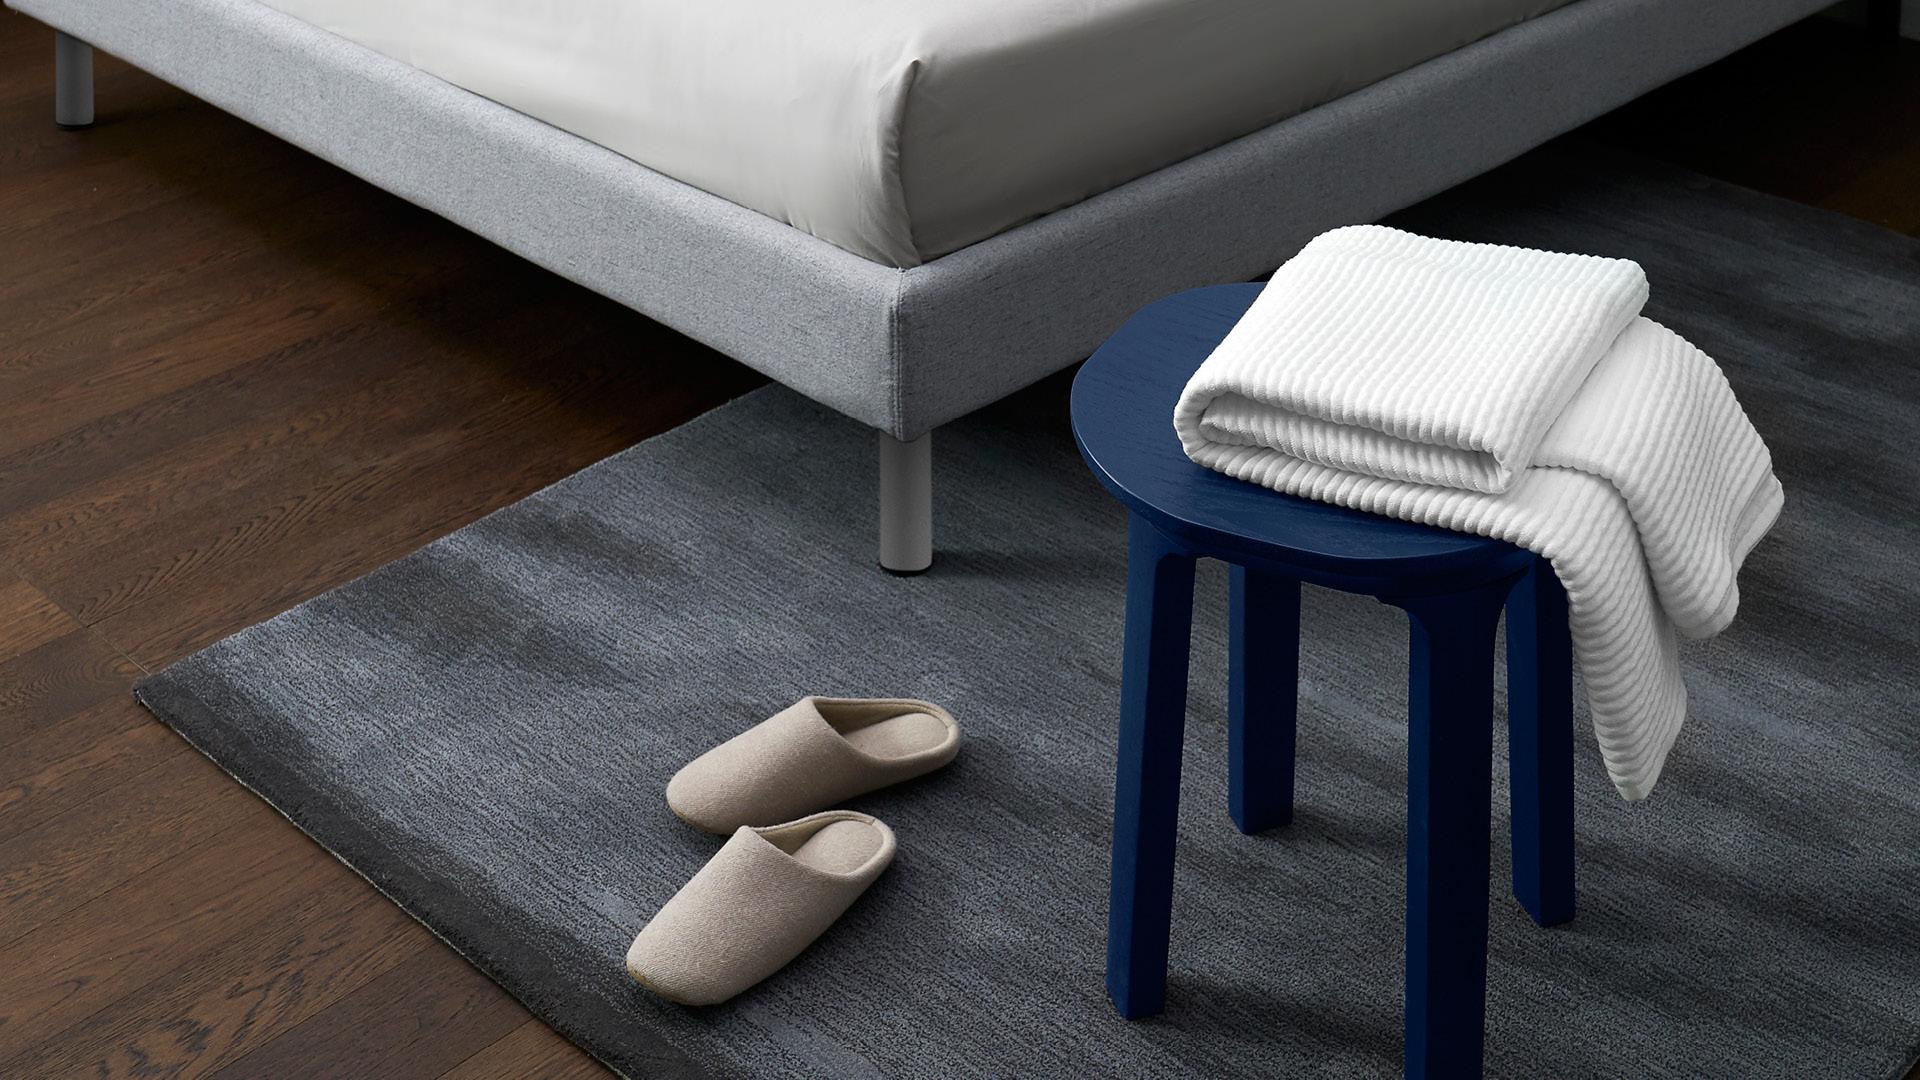 卧室床边毯或床尾毯的使用,让空间格局更有层次感。双脚落地的柔软安踏,为快速舒睡做好充足的准备。?x-oss-process=image/format,jpg/interlace,1